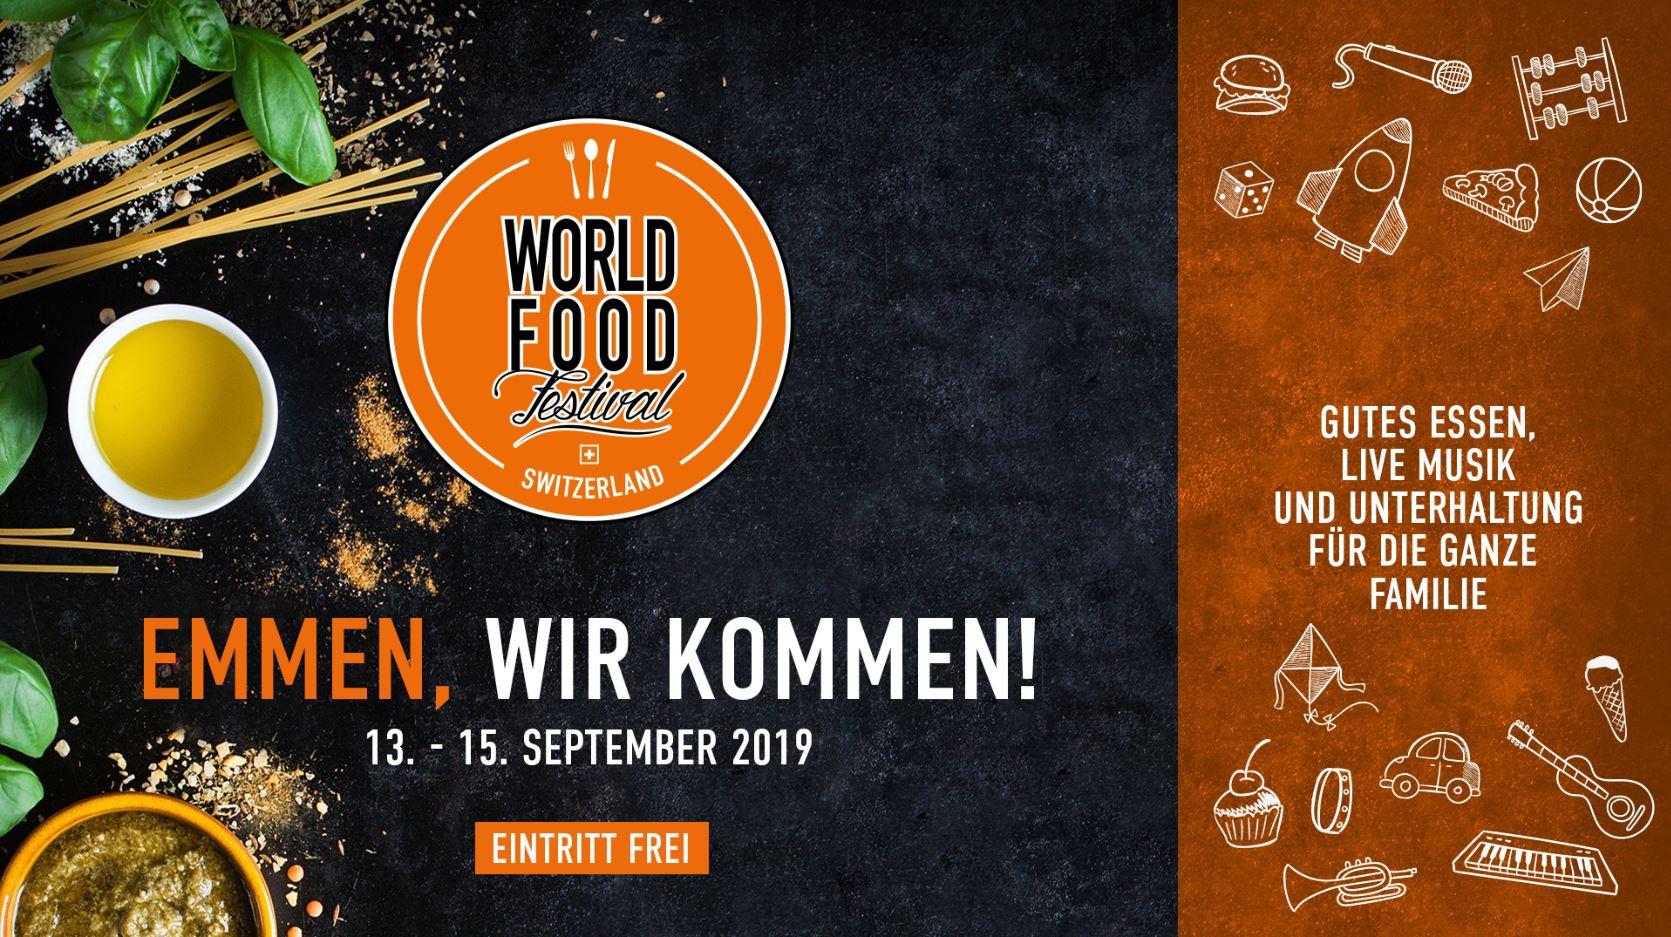 World Food Festival Emmen